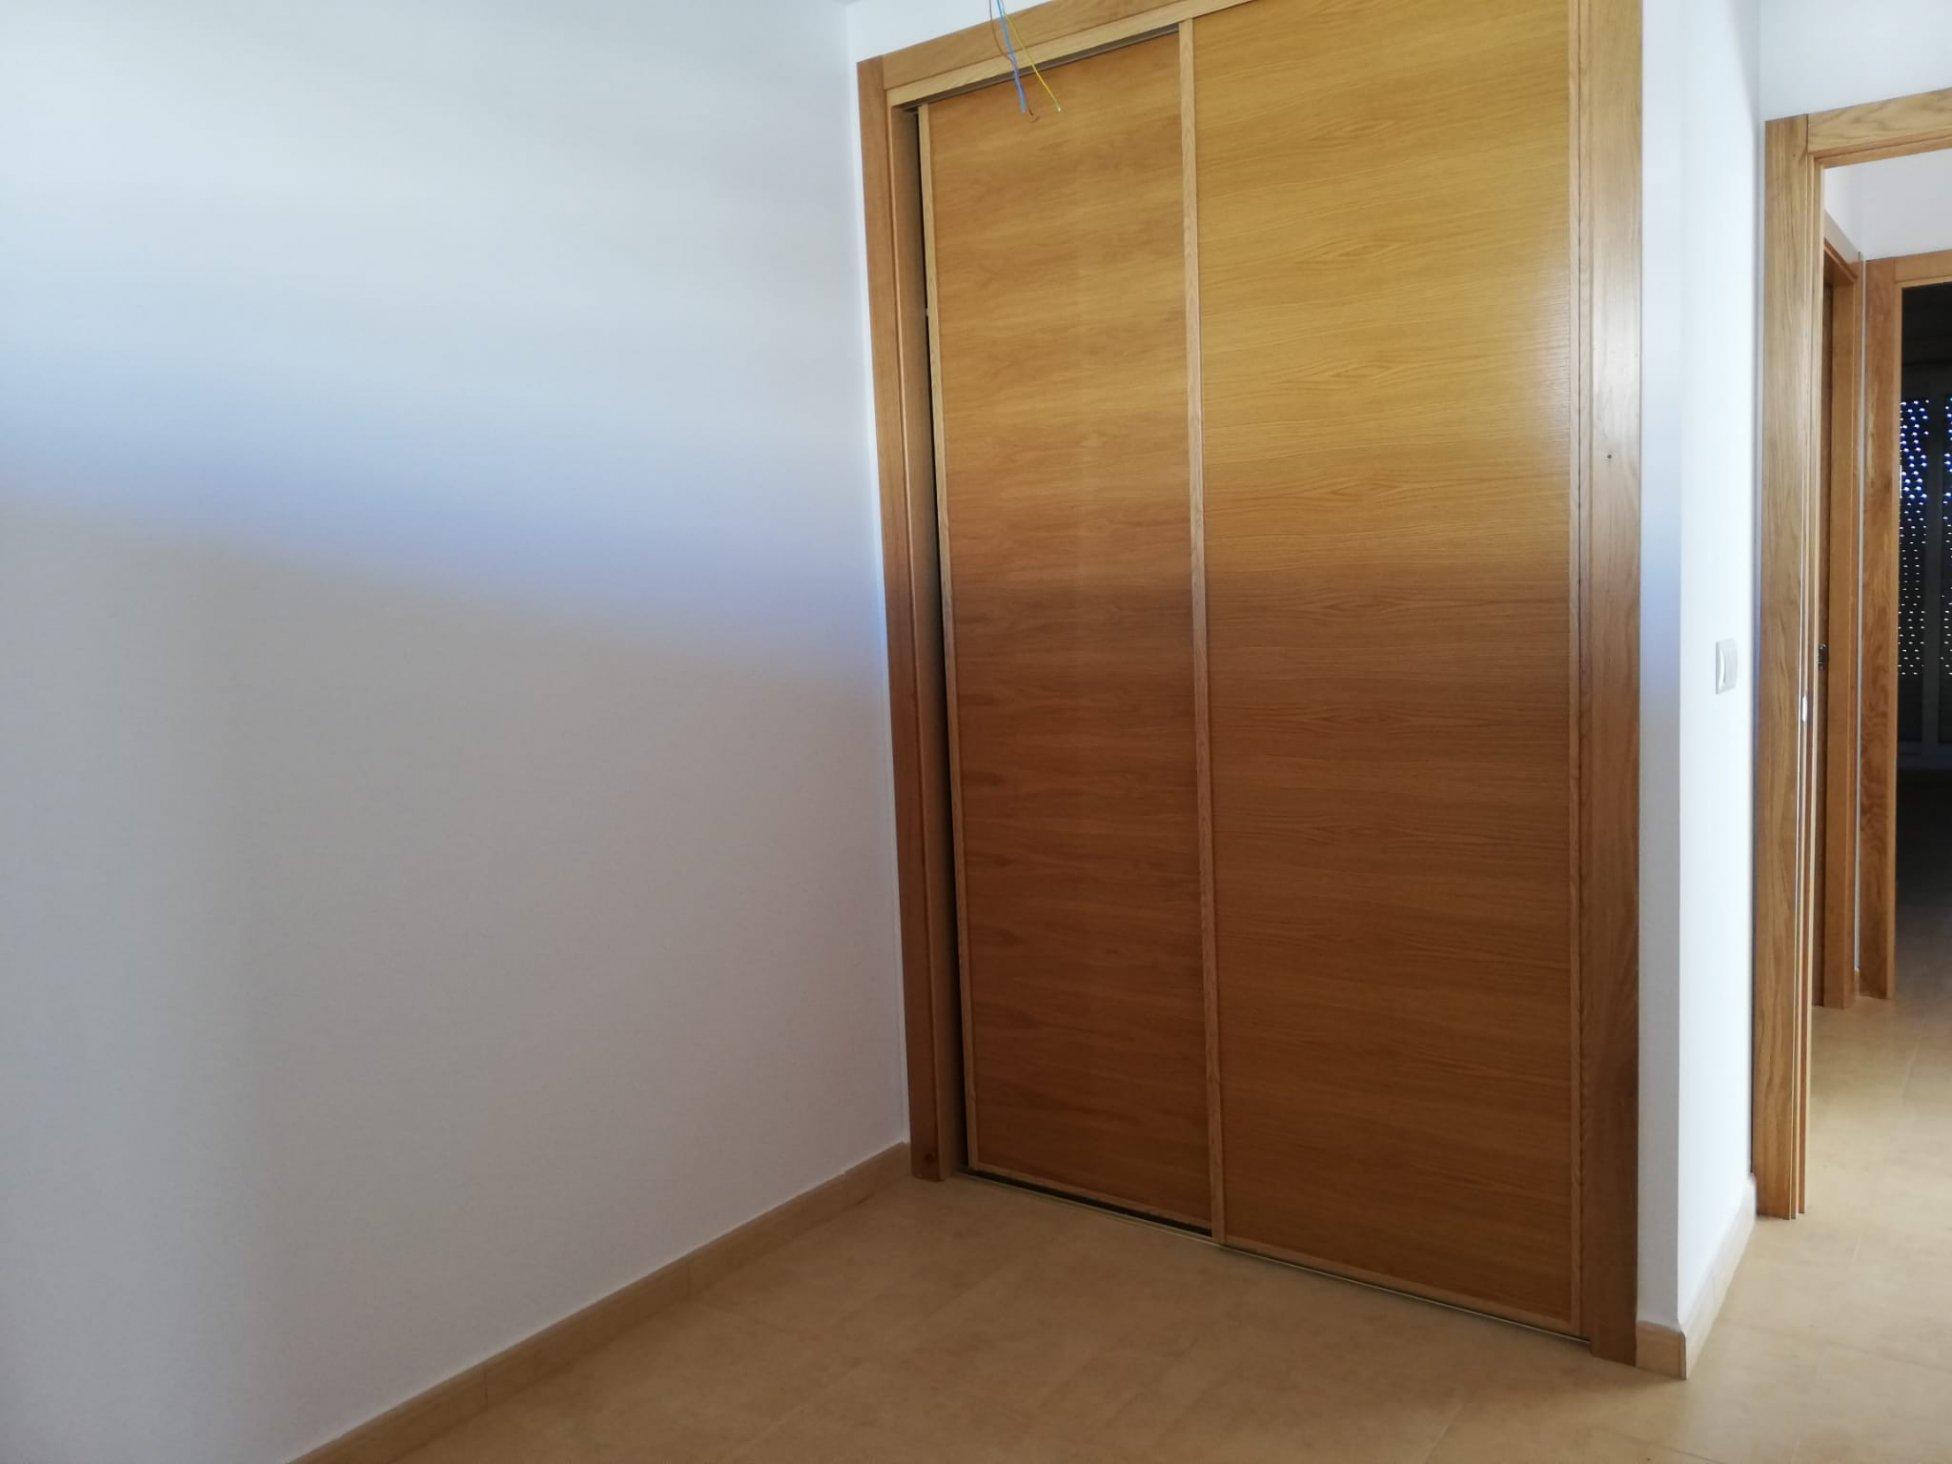 armarios empotrados apartamento Condado de Alhama